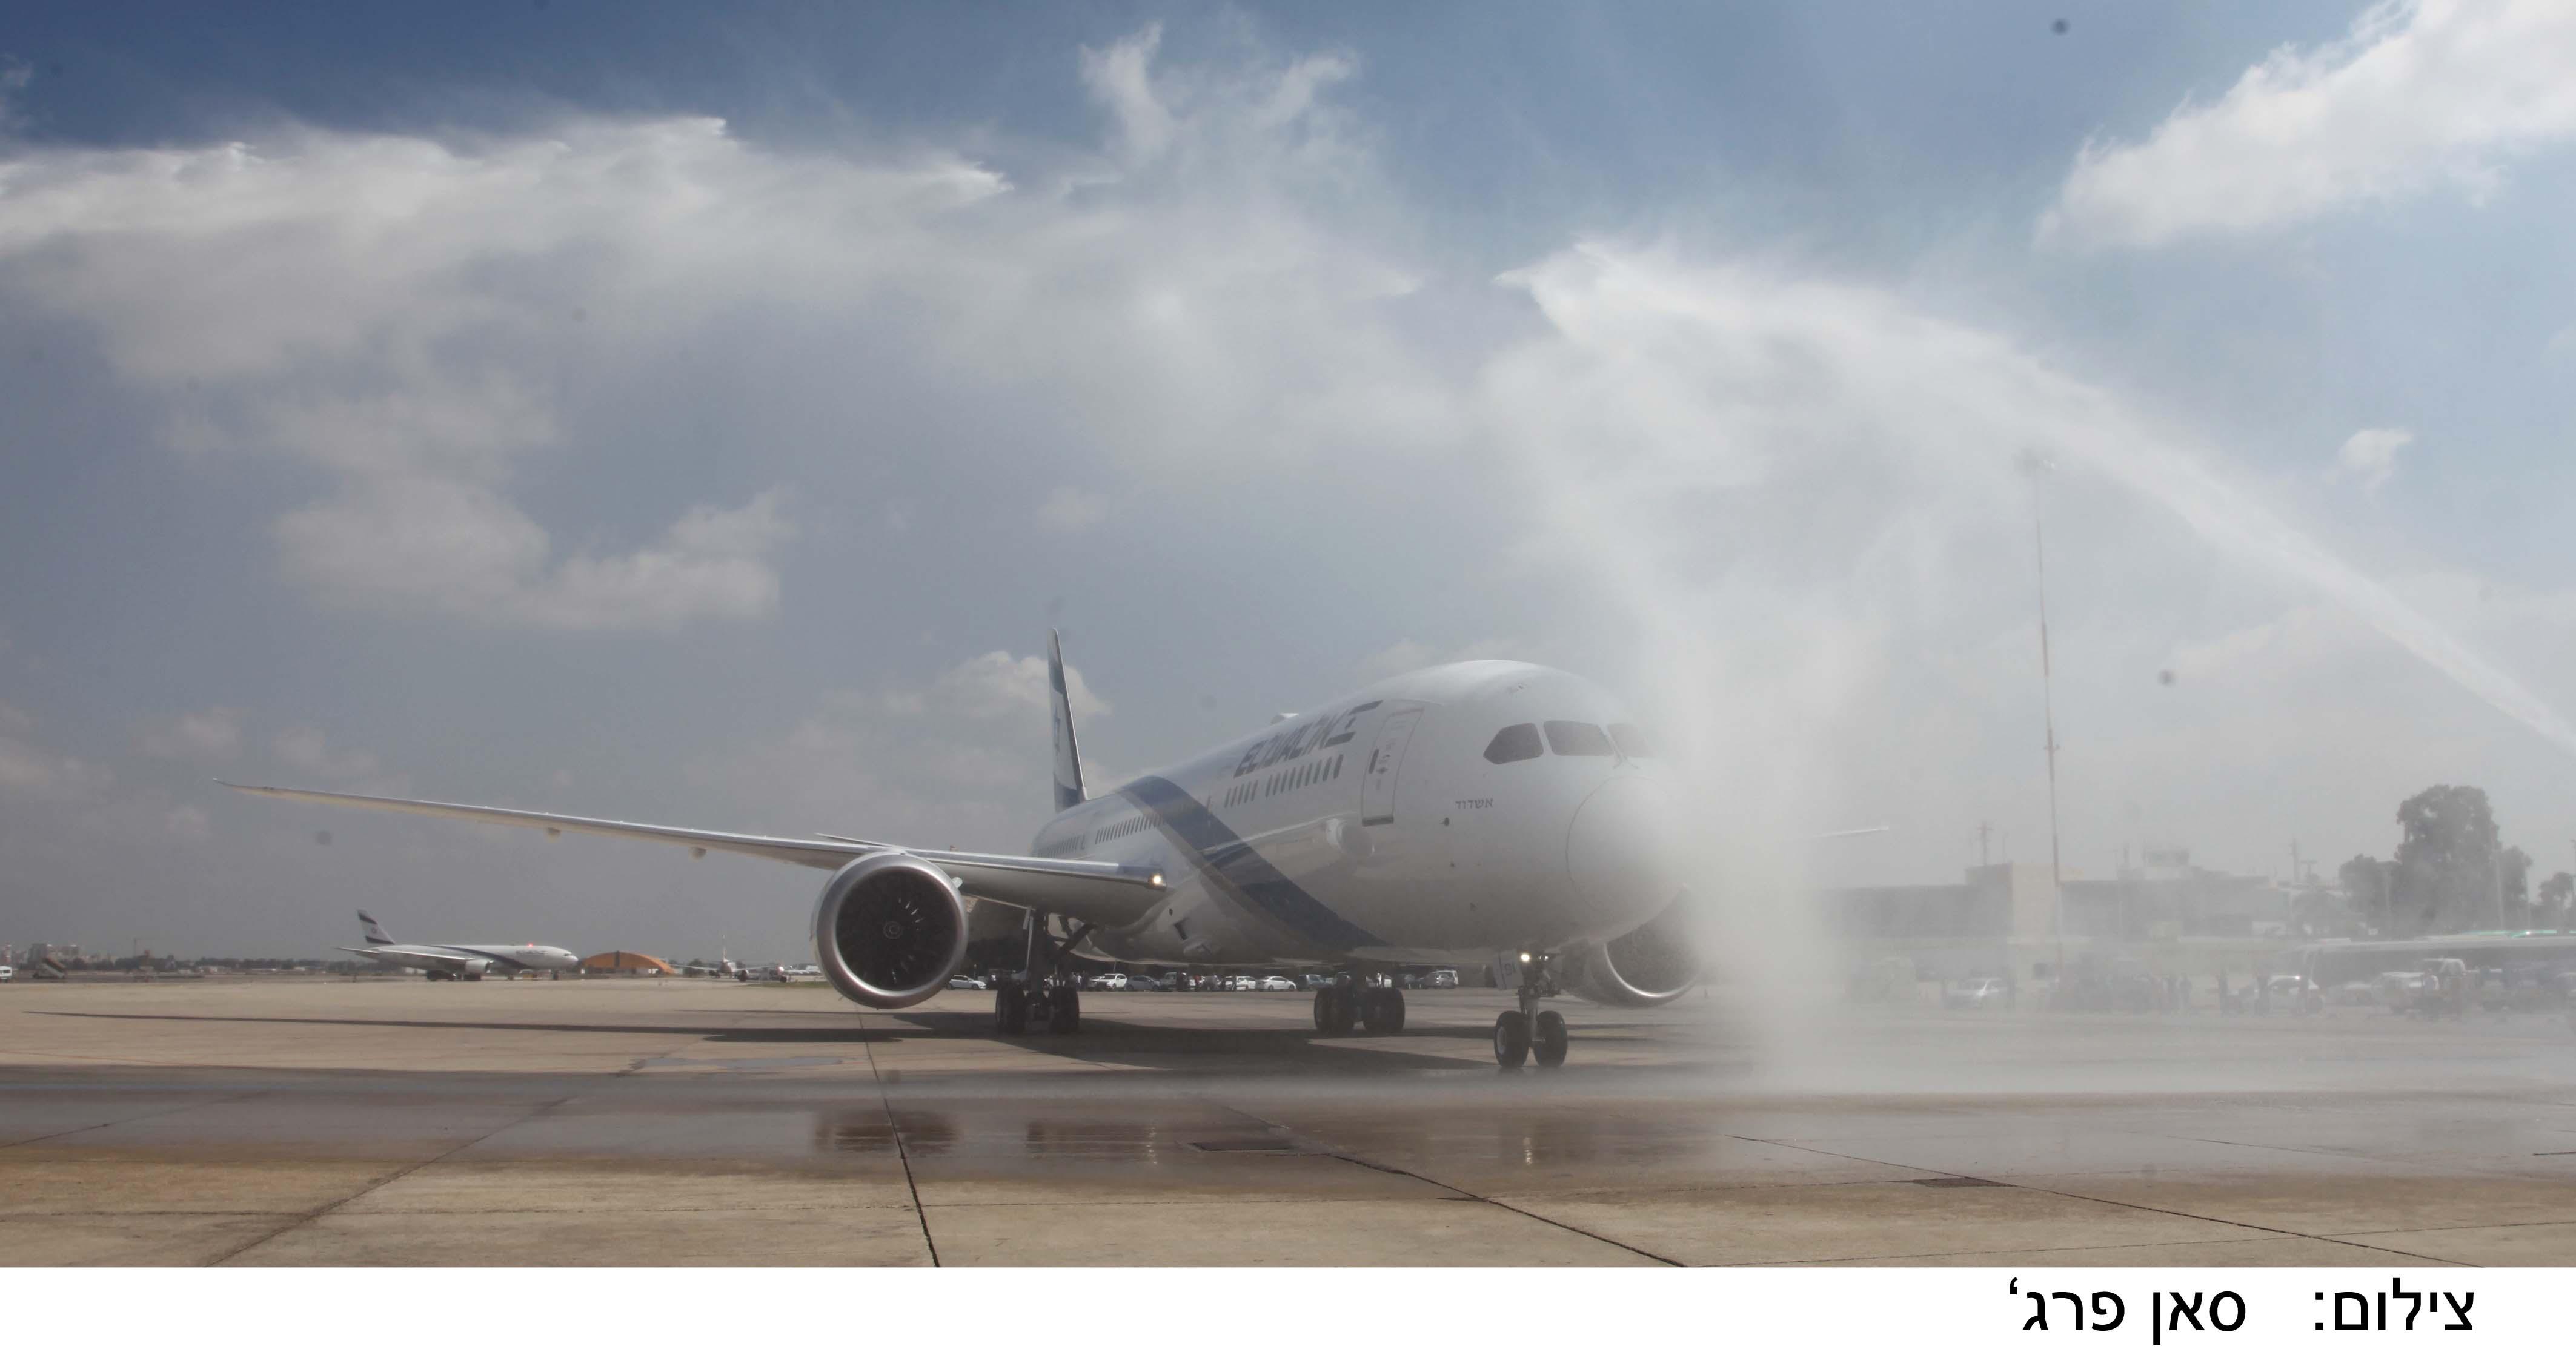 תקלת קשר קטנה ו'המטוס הטוב בעולם' נחת בישראל • סיקור